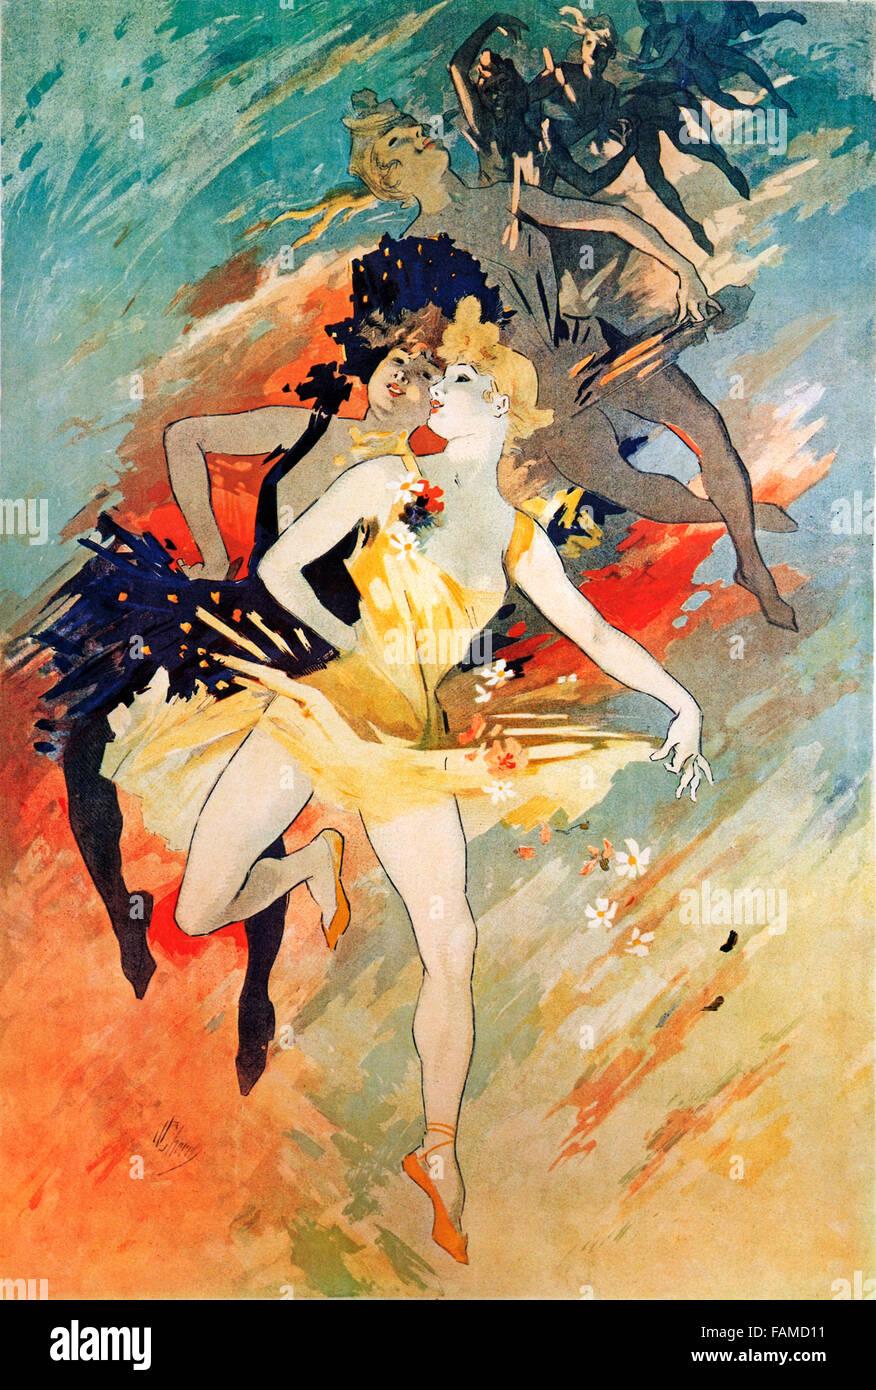 Cheret, La Danse, 1891 Art Nouveau poster della master grafica per illustrare la fase craft Immagini Stock